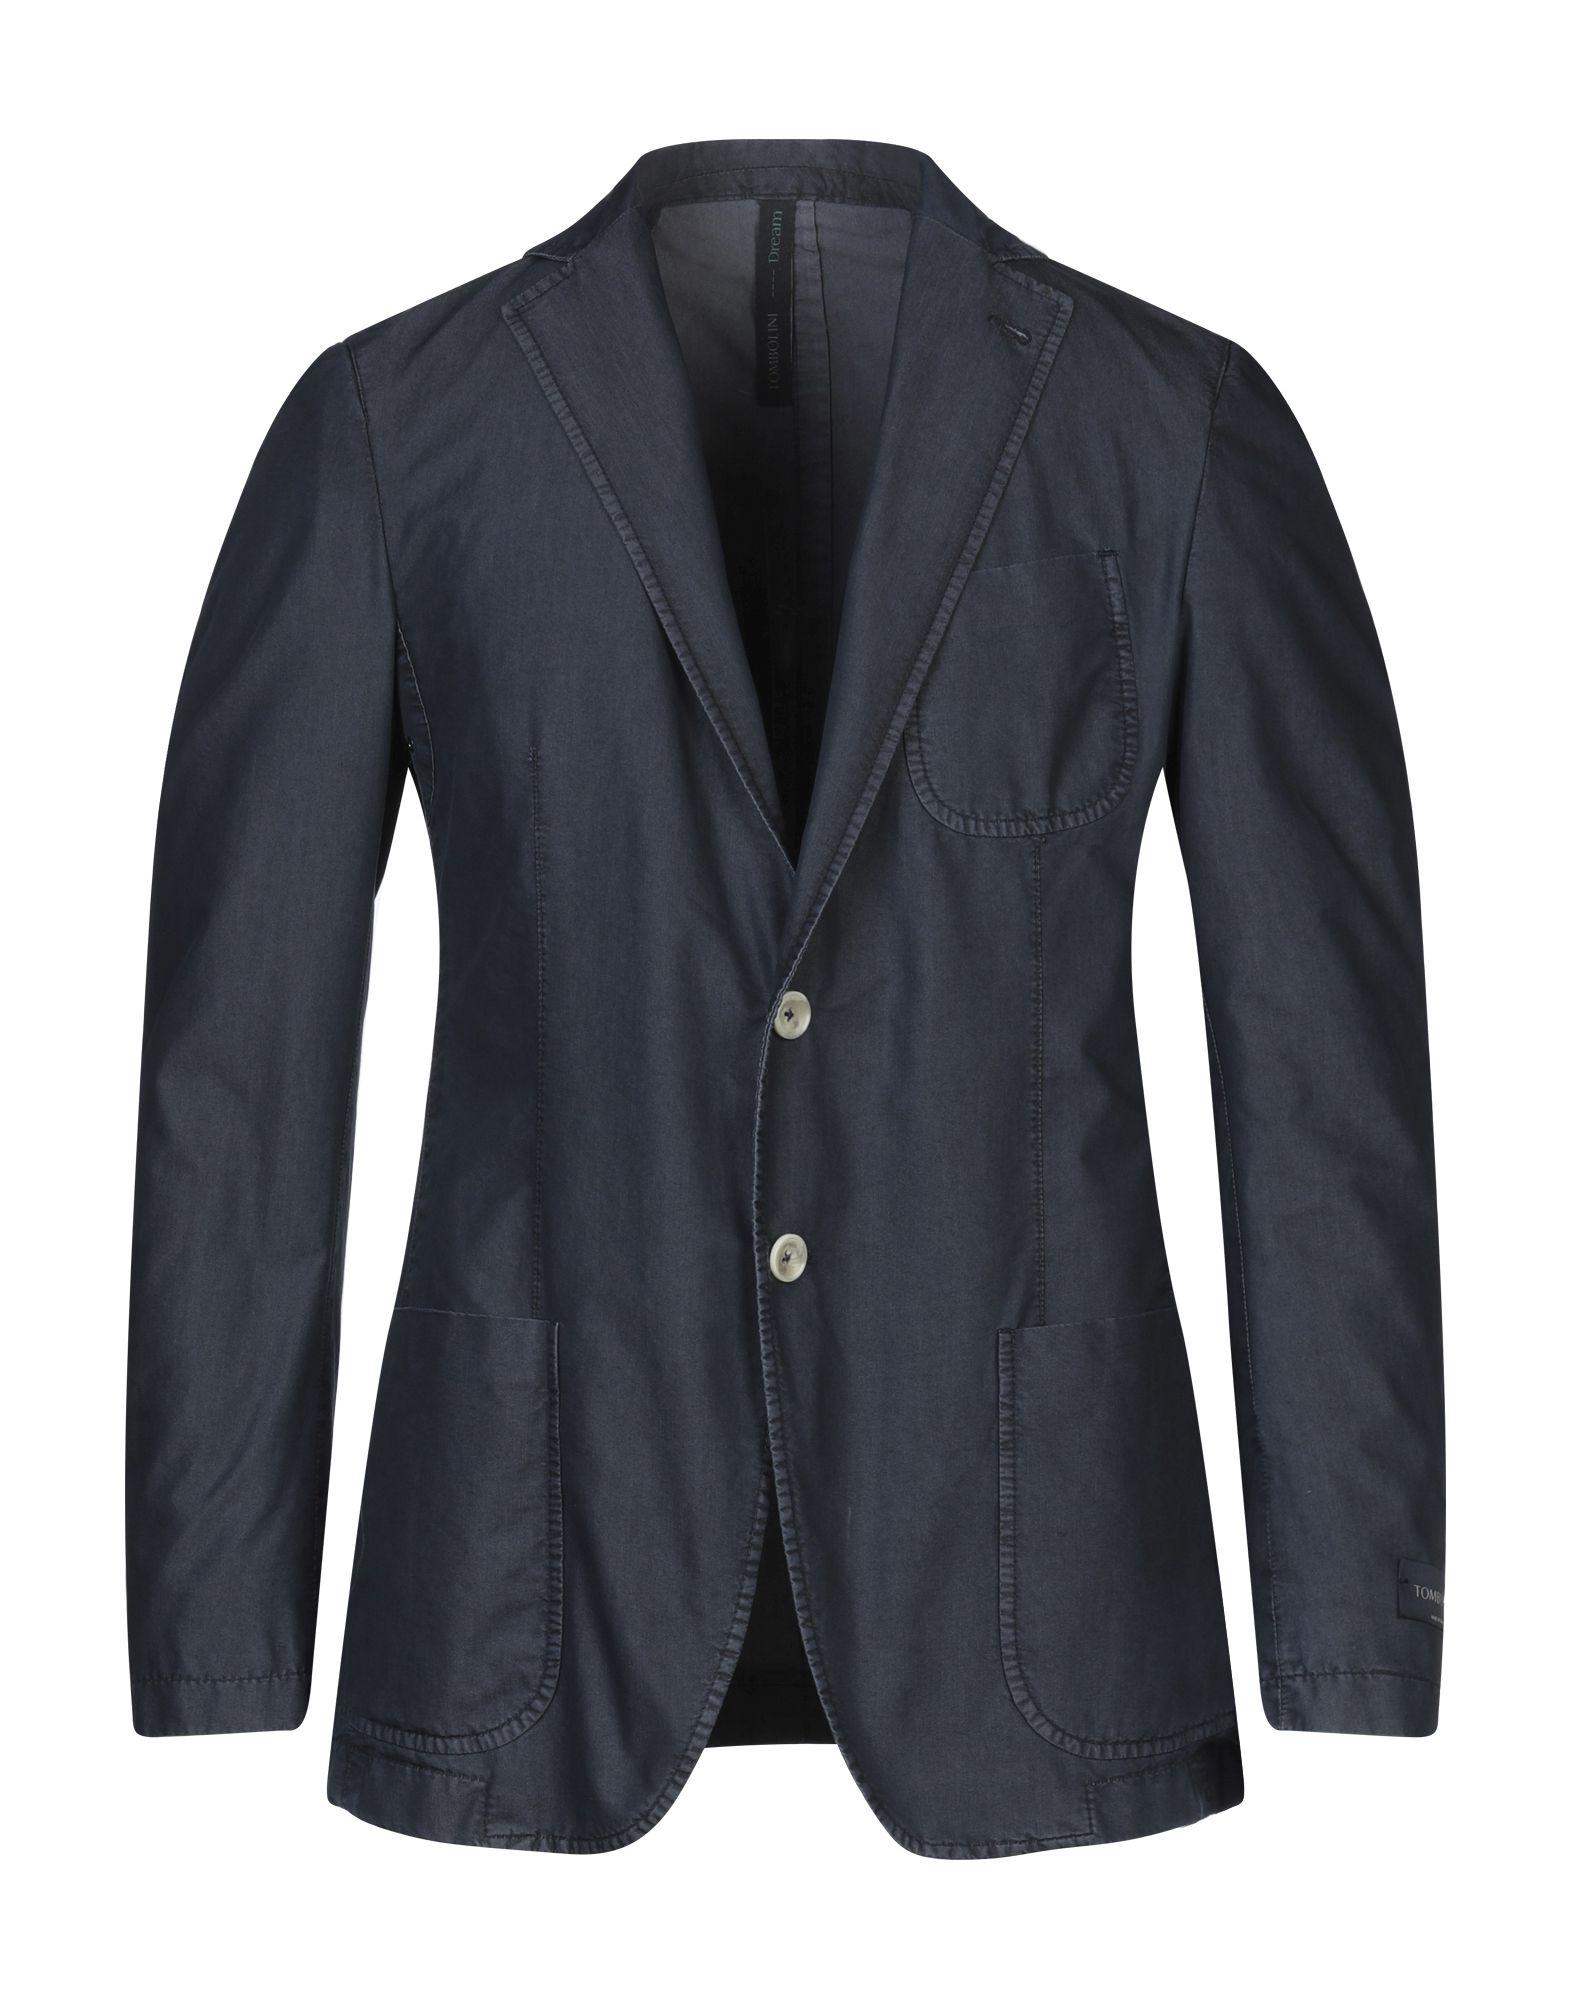 《セール開催中》TOMBOLINI DREAM メンズ テーラードジャケット ブルーグレー 50 コットン 56% / ポリエステル 44%